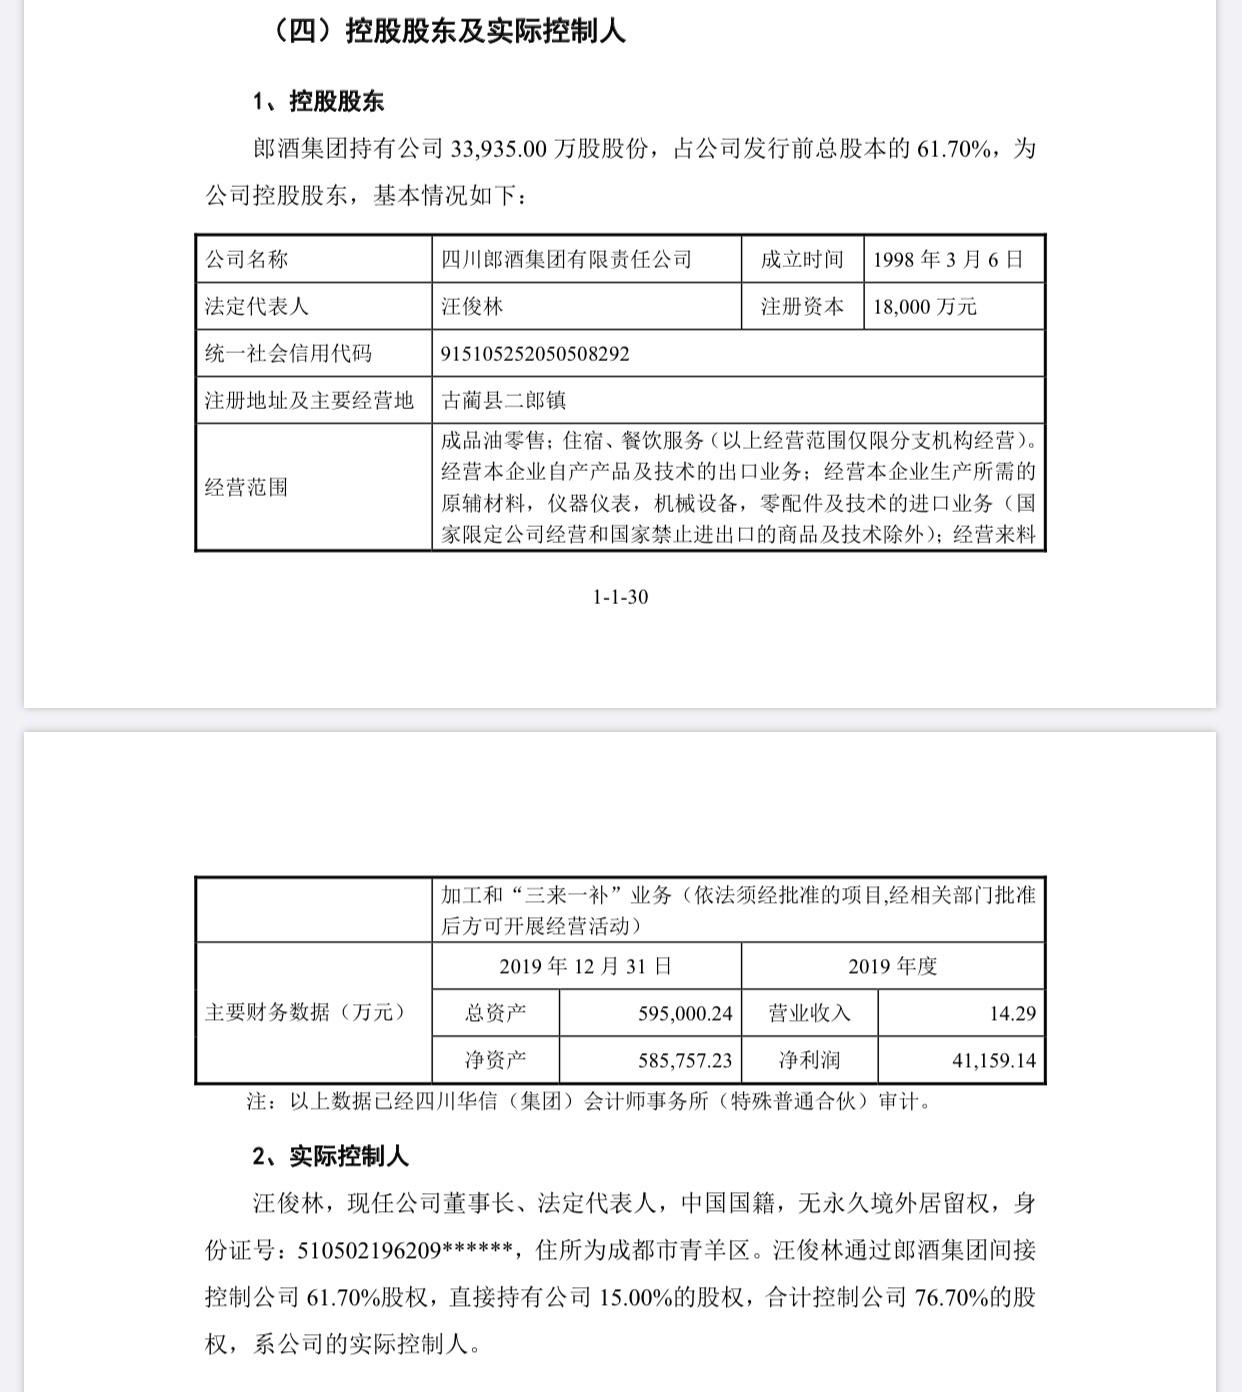 【摩天注册】募资超74亿汪俊摩天注册林控制超七成股图片